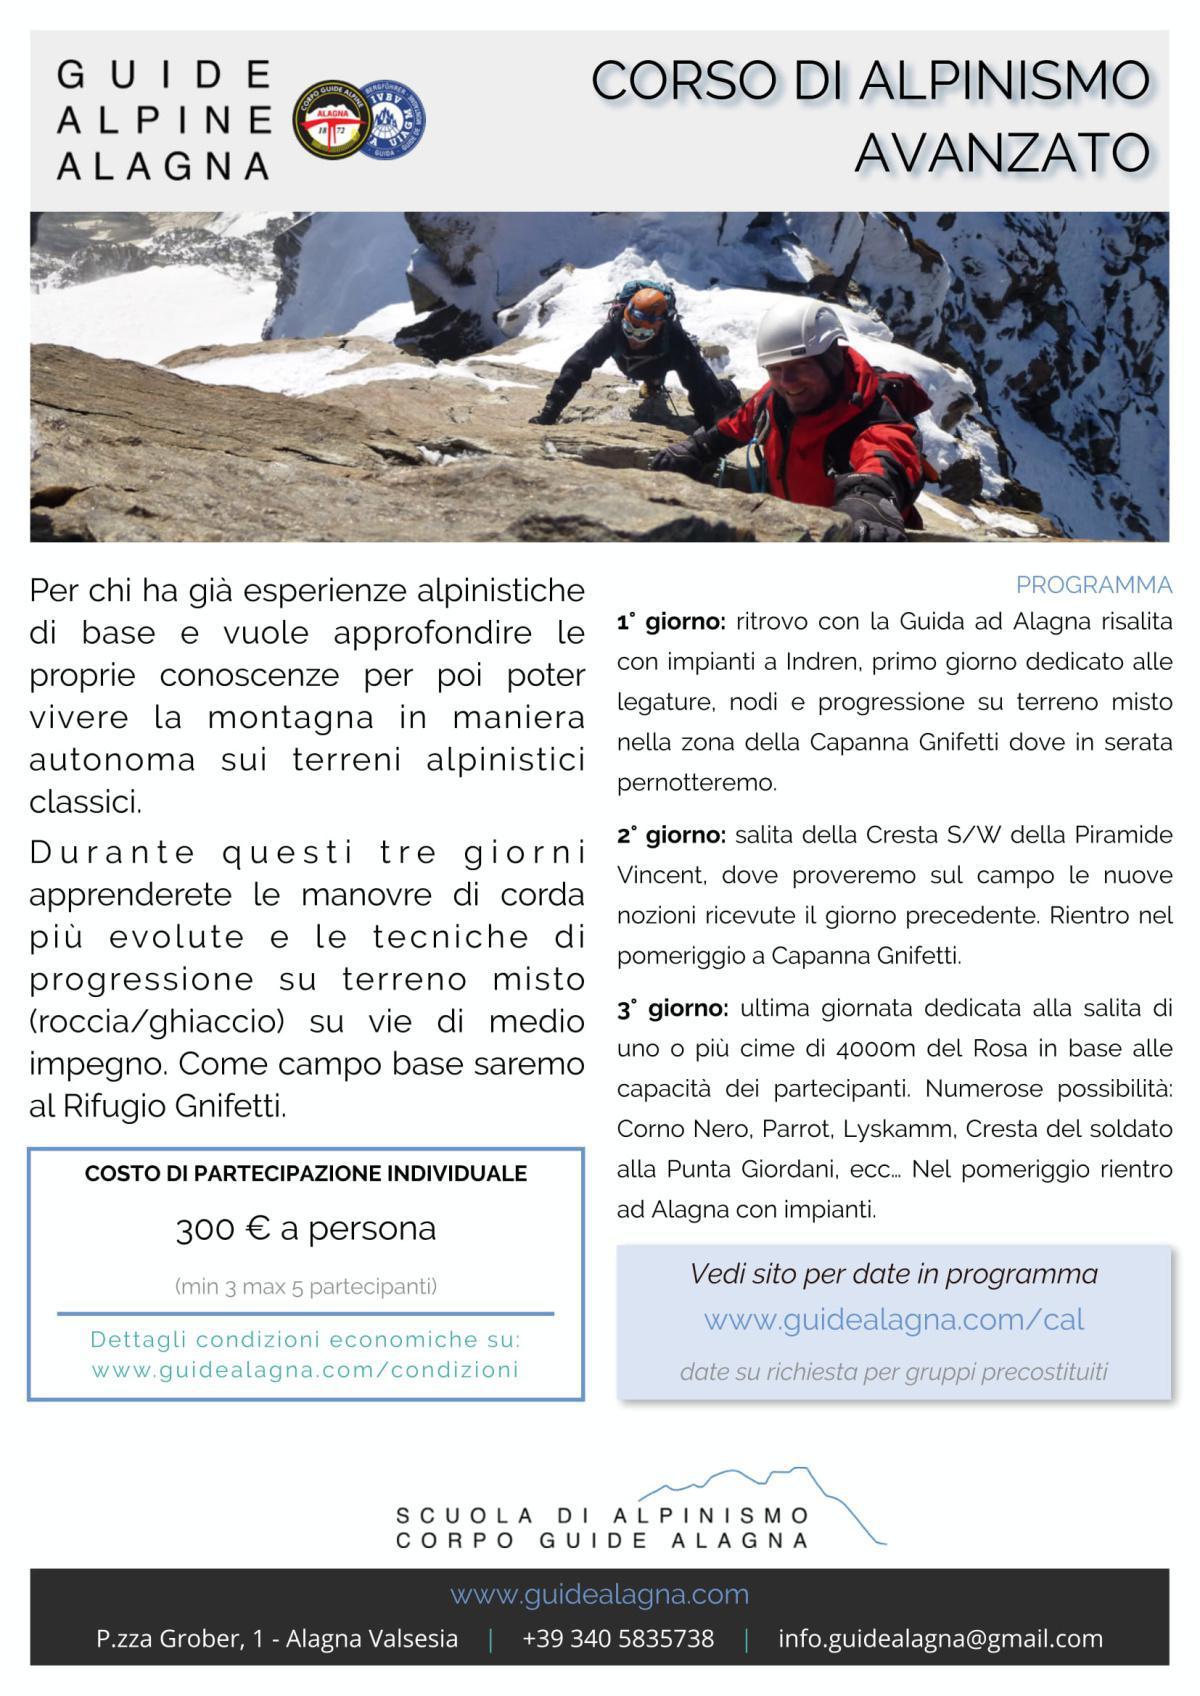 Corso di Alpinismo Avanzato - Guide Alpine Alagna